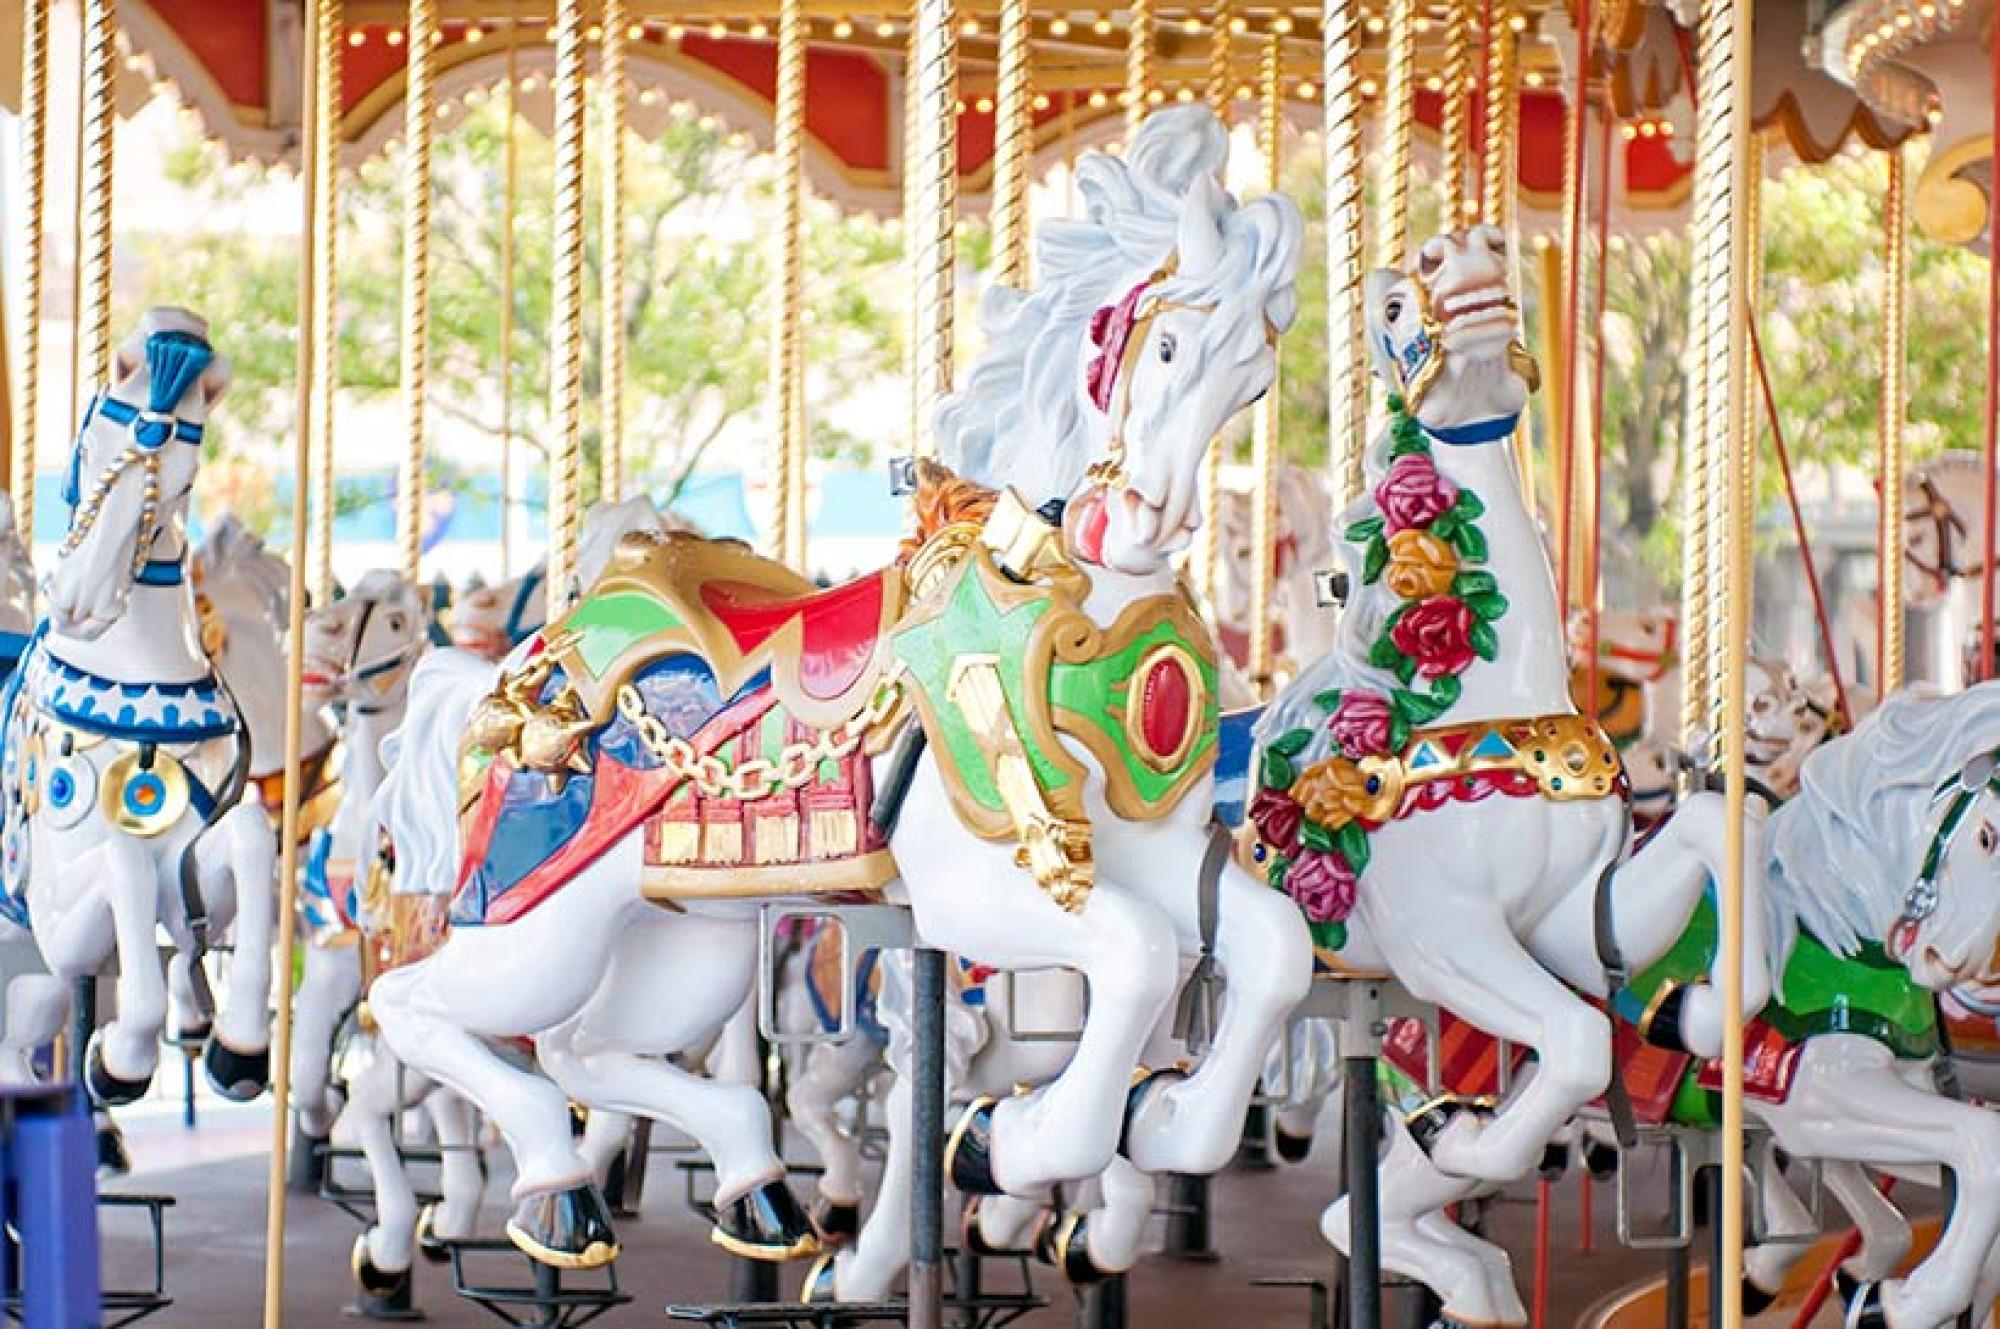 ディズニーランドの木馬はすべて白馬